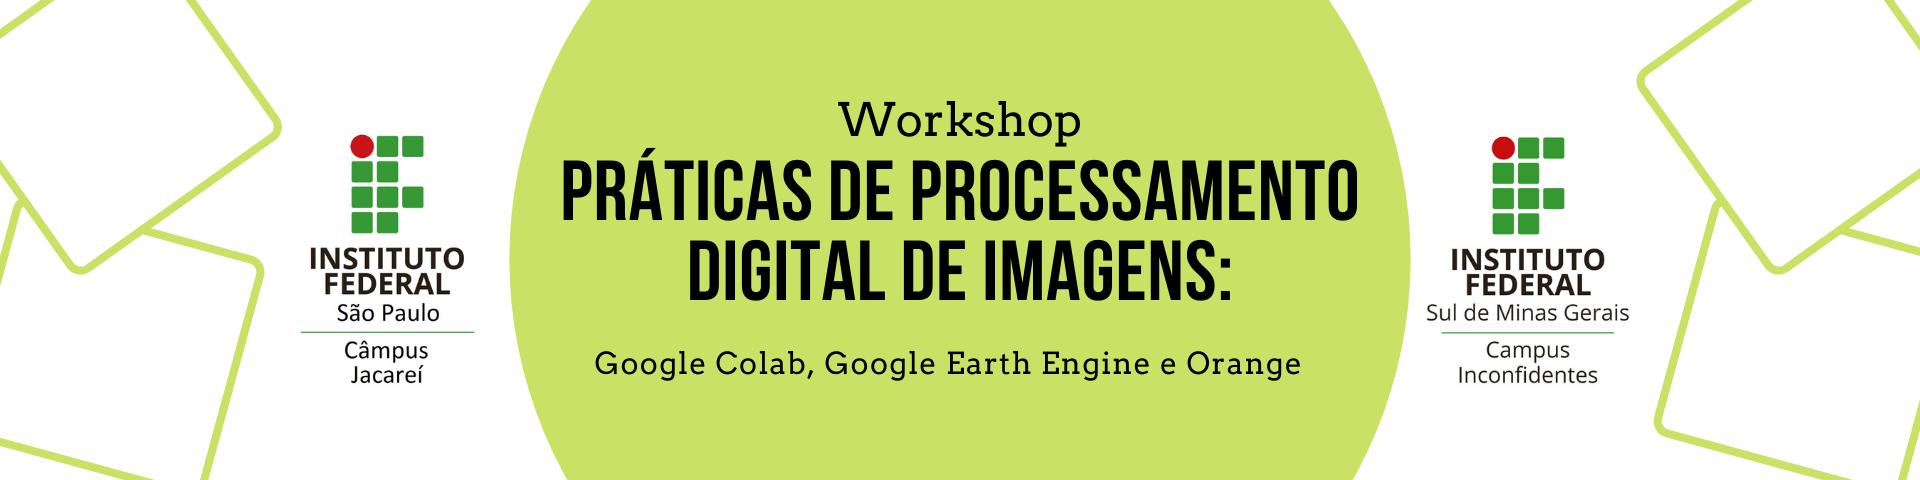 I Workshop Práticas de Processamento Digital de Imagens: Google Colab, Google Earth Engine e Orange